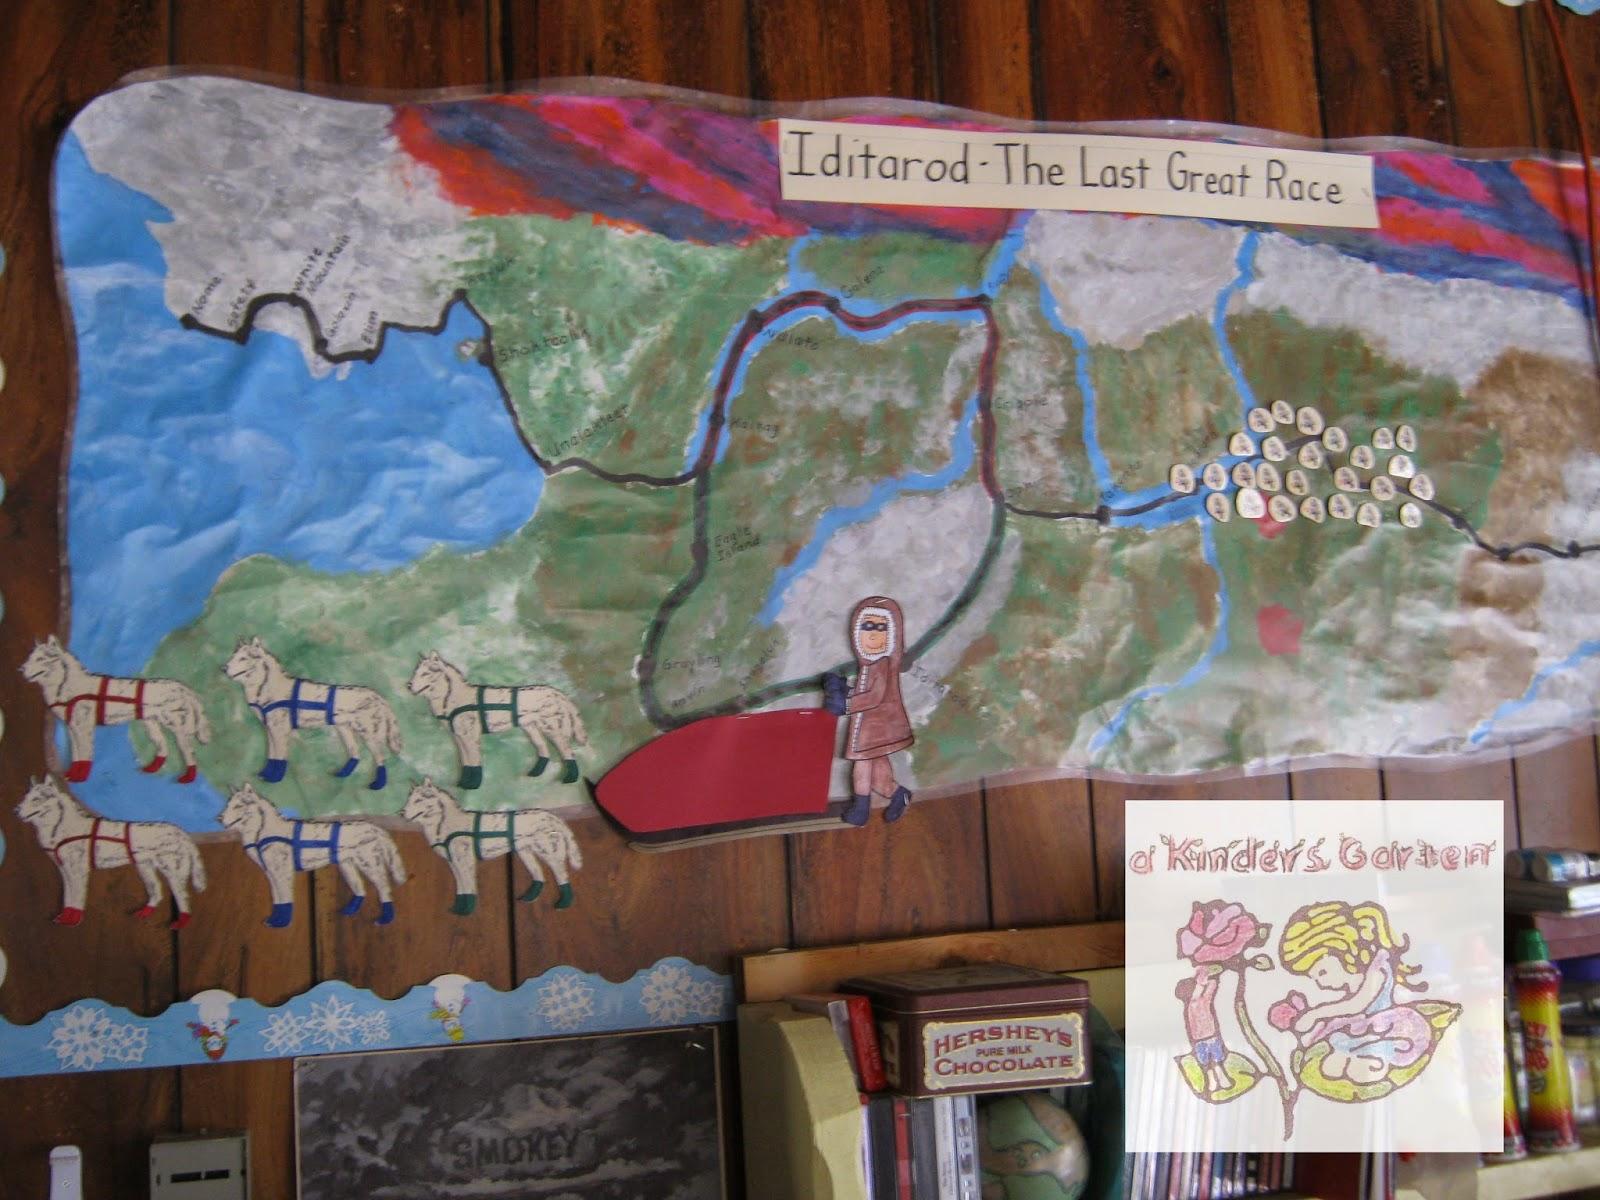 A Kinders Garten Vintage Homeschool We Iditarod Do You